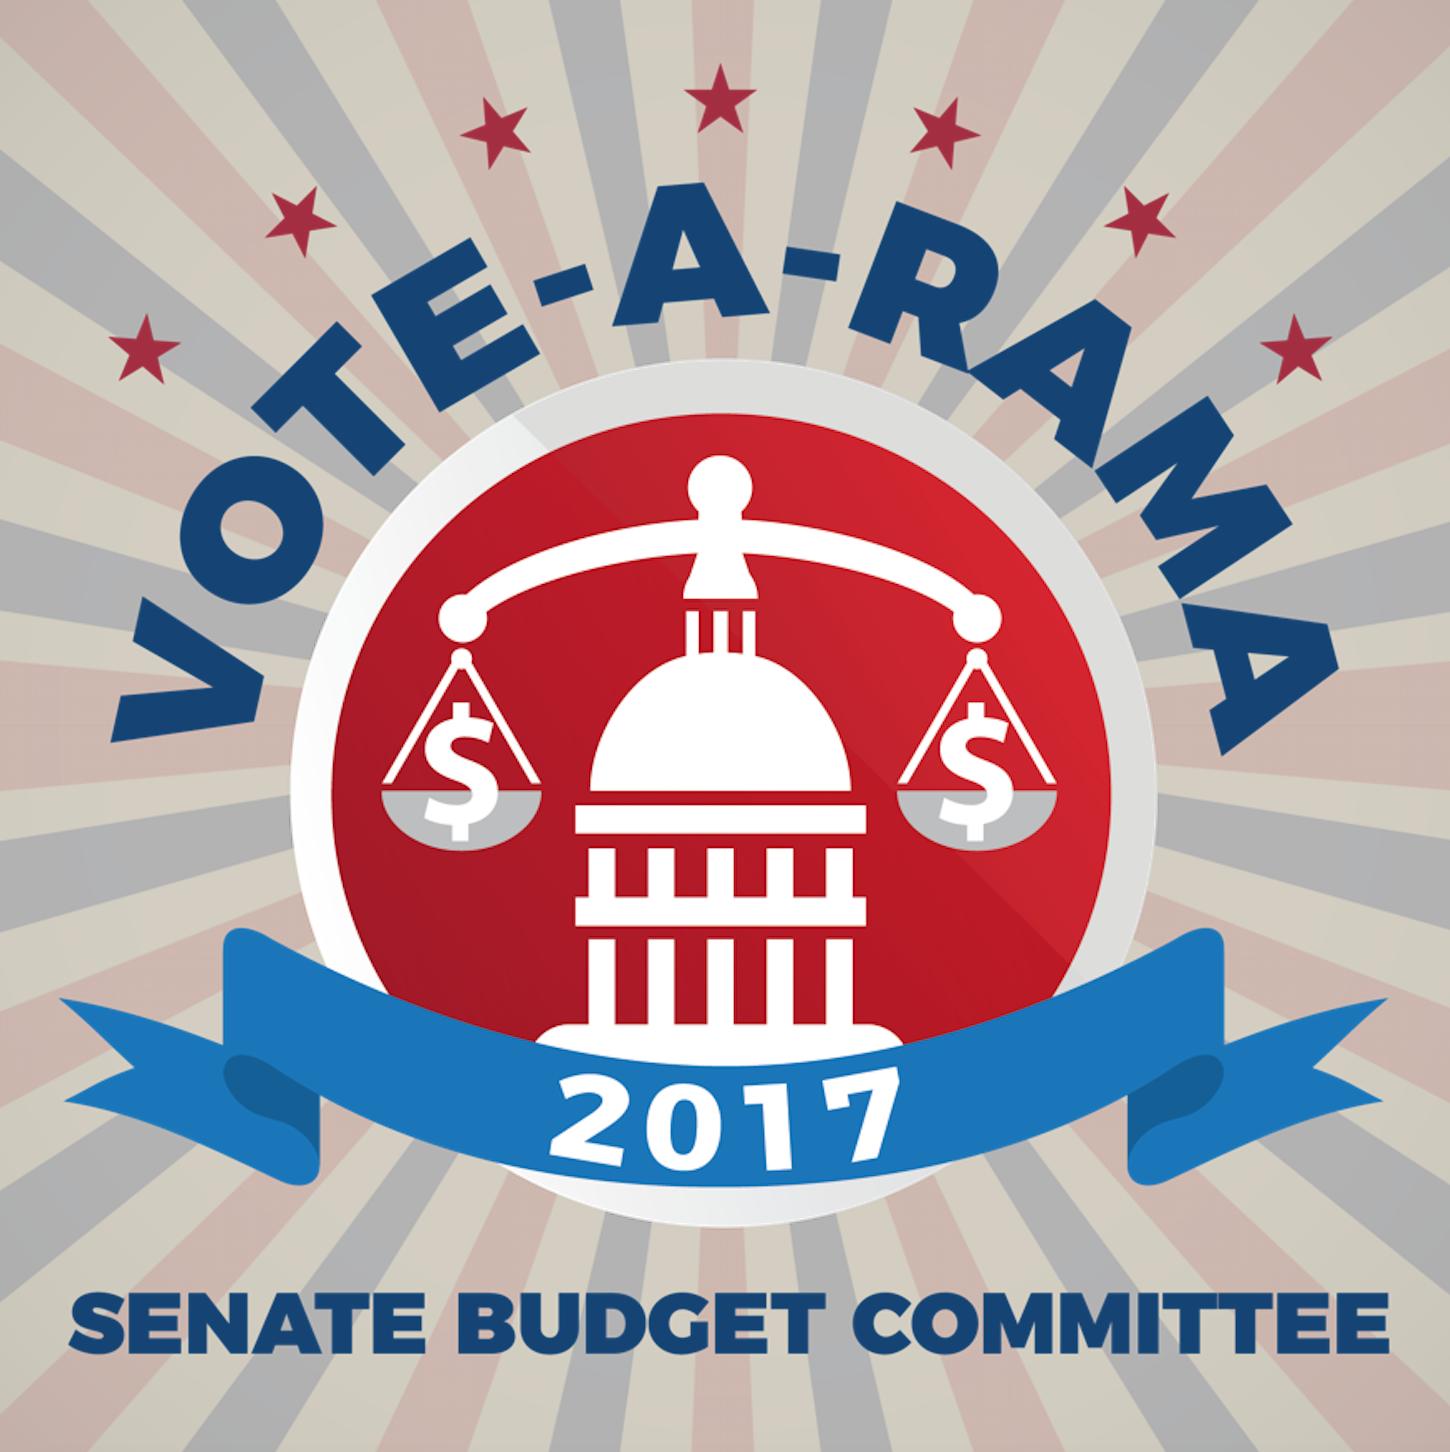 VoteARama2017